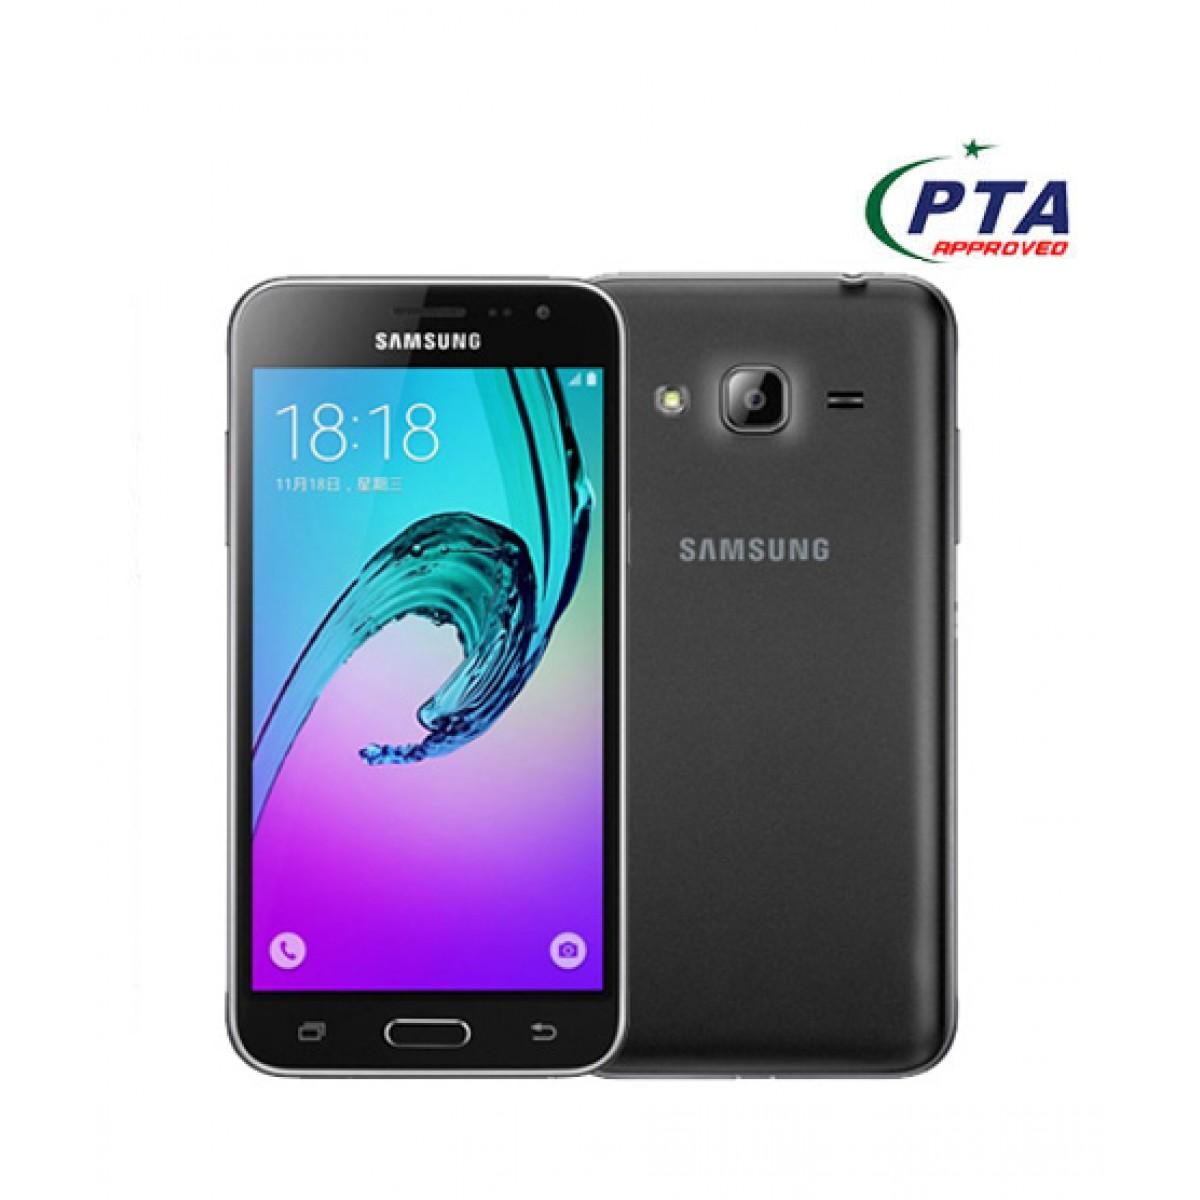 Samsung Galaxy J3 2016 4G Dual Sim Black (J320FD) - Official Warranty